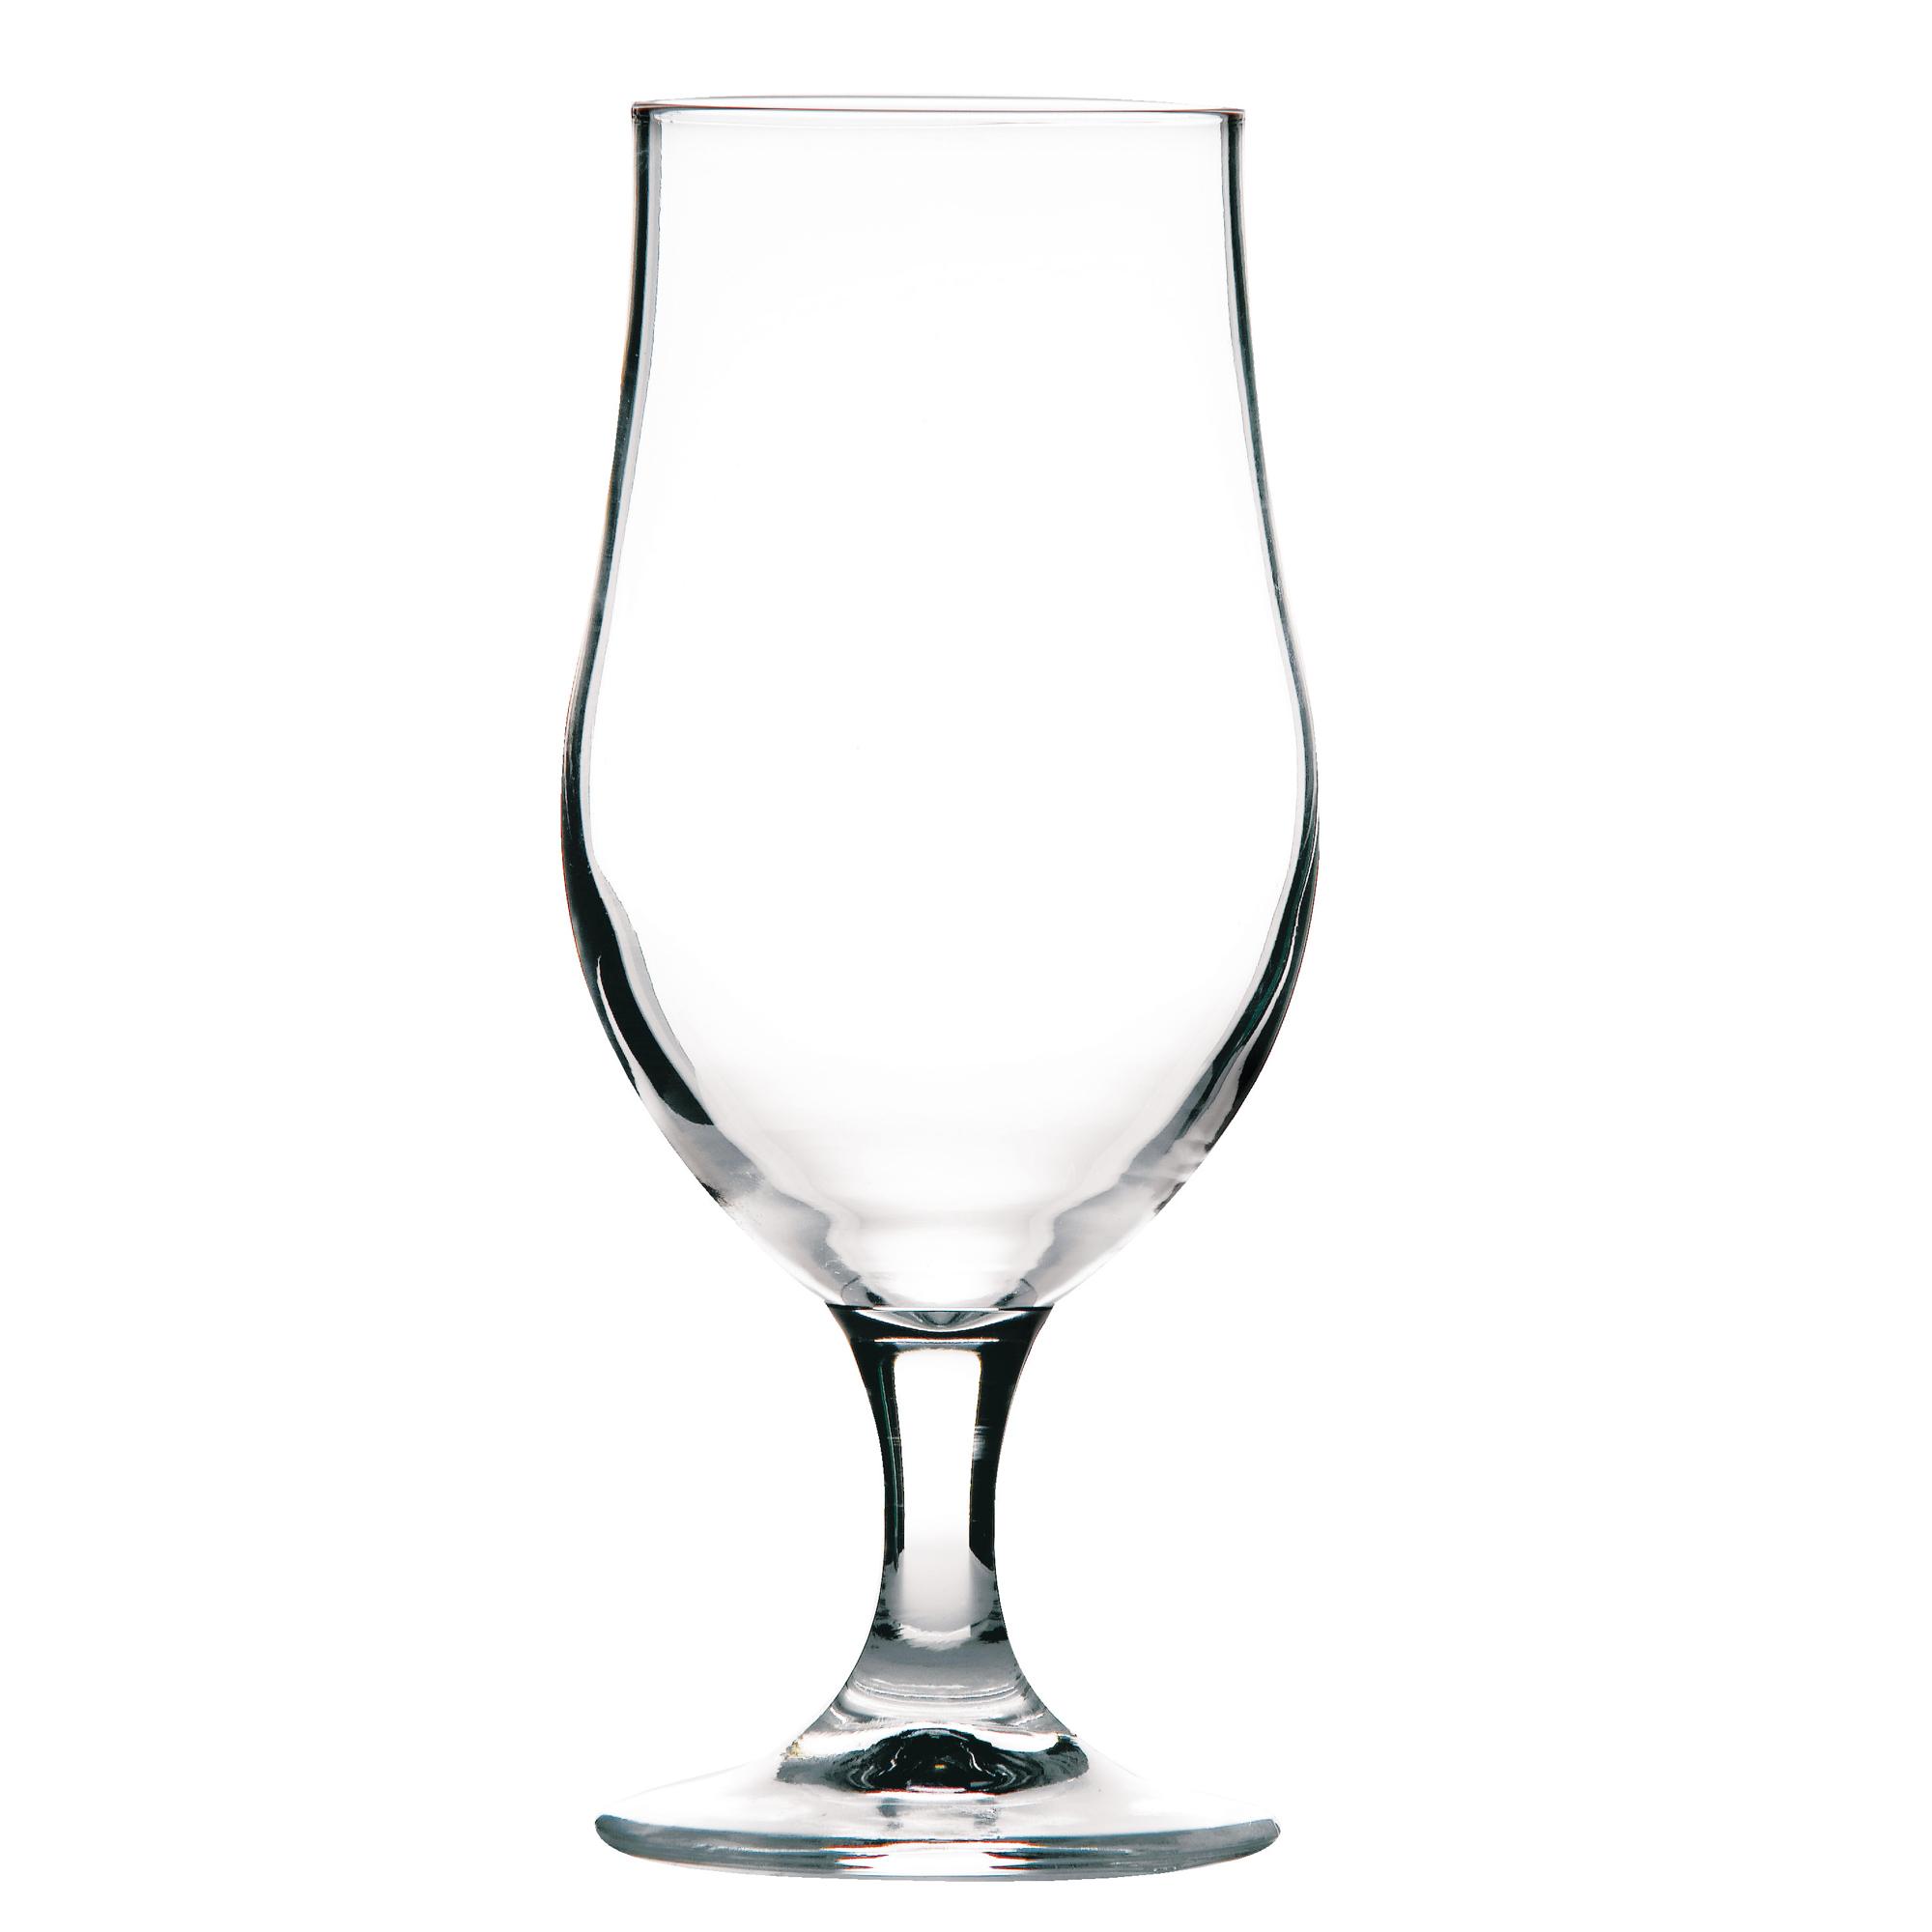 Lined Half Pint Set of 12 Munique Stemmed Beer Glasses 13oz LCE at 10oz